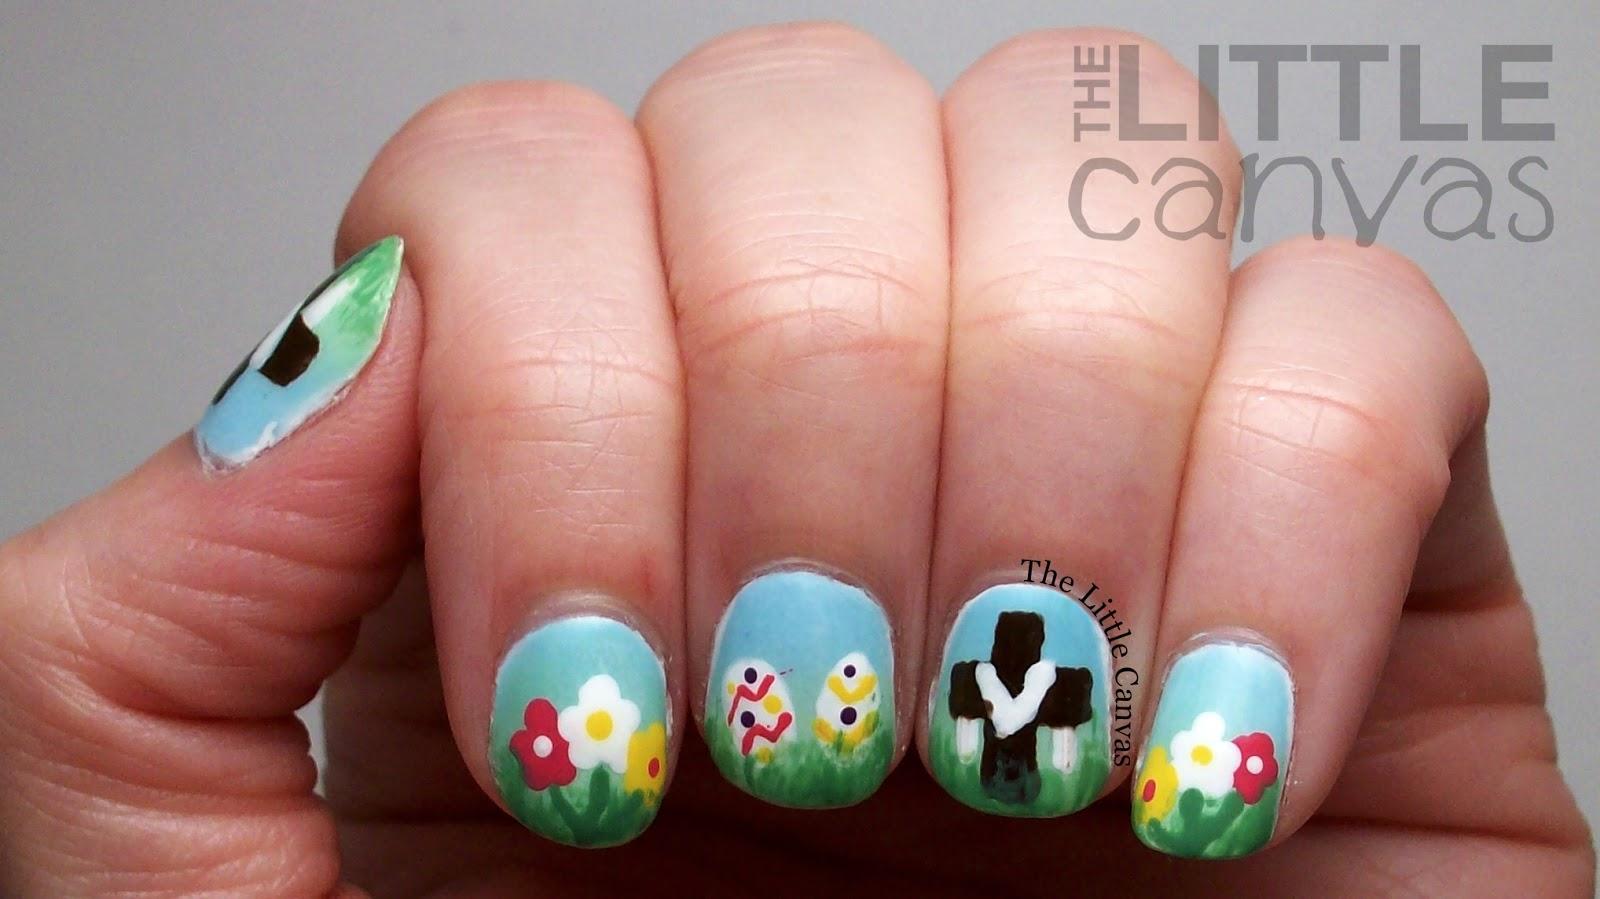 Nail Art Near Me – ledufa.com